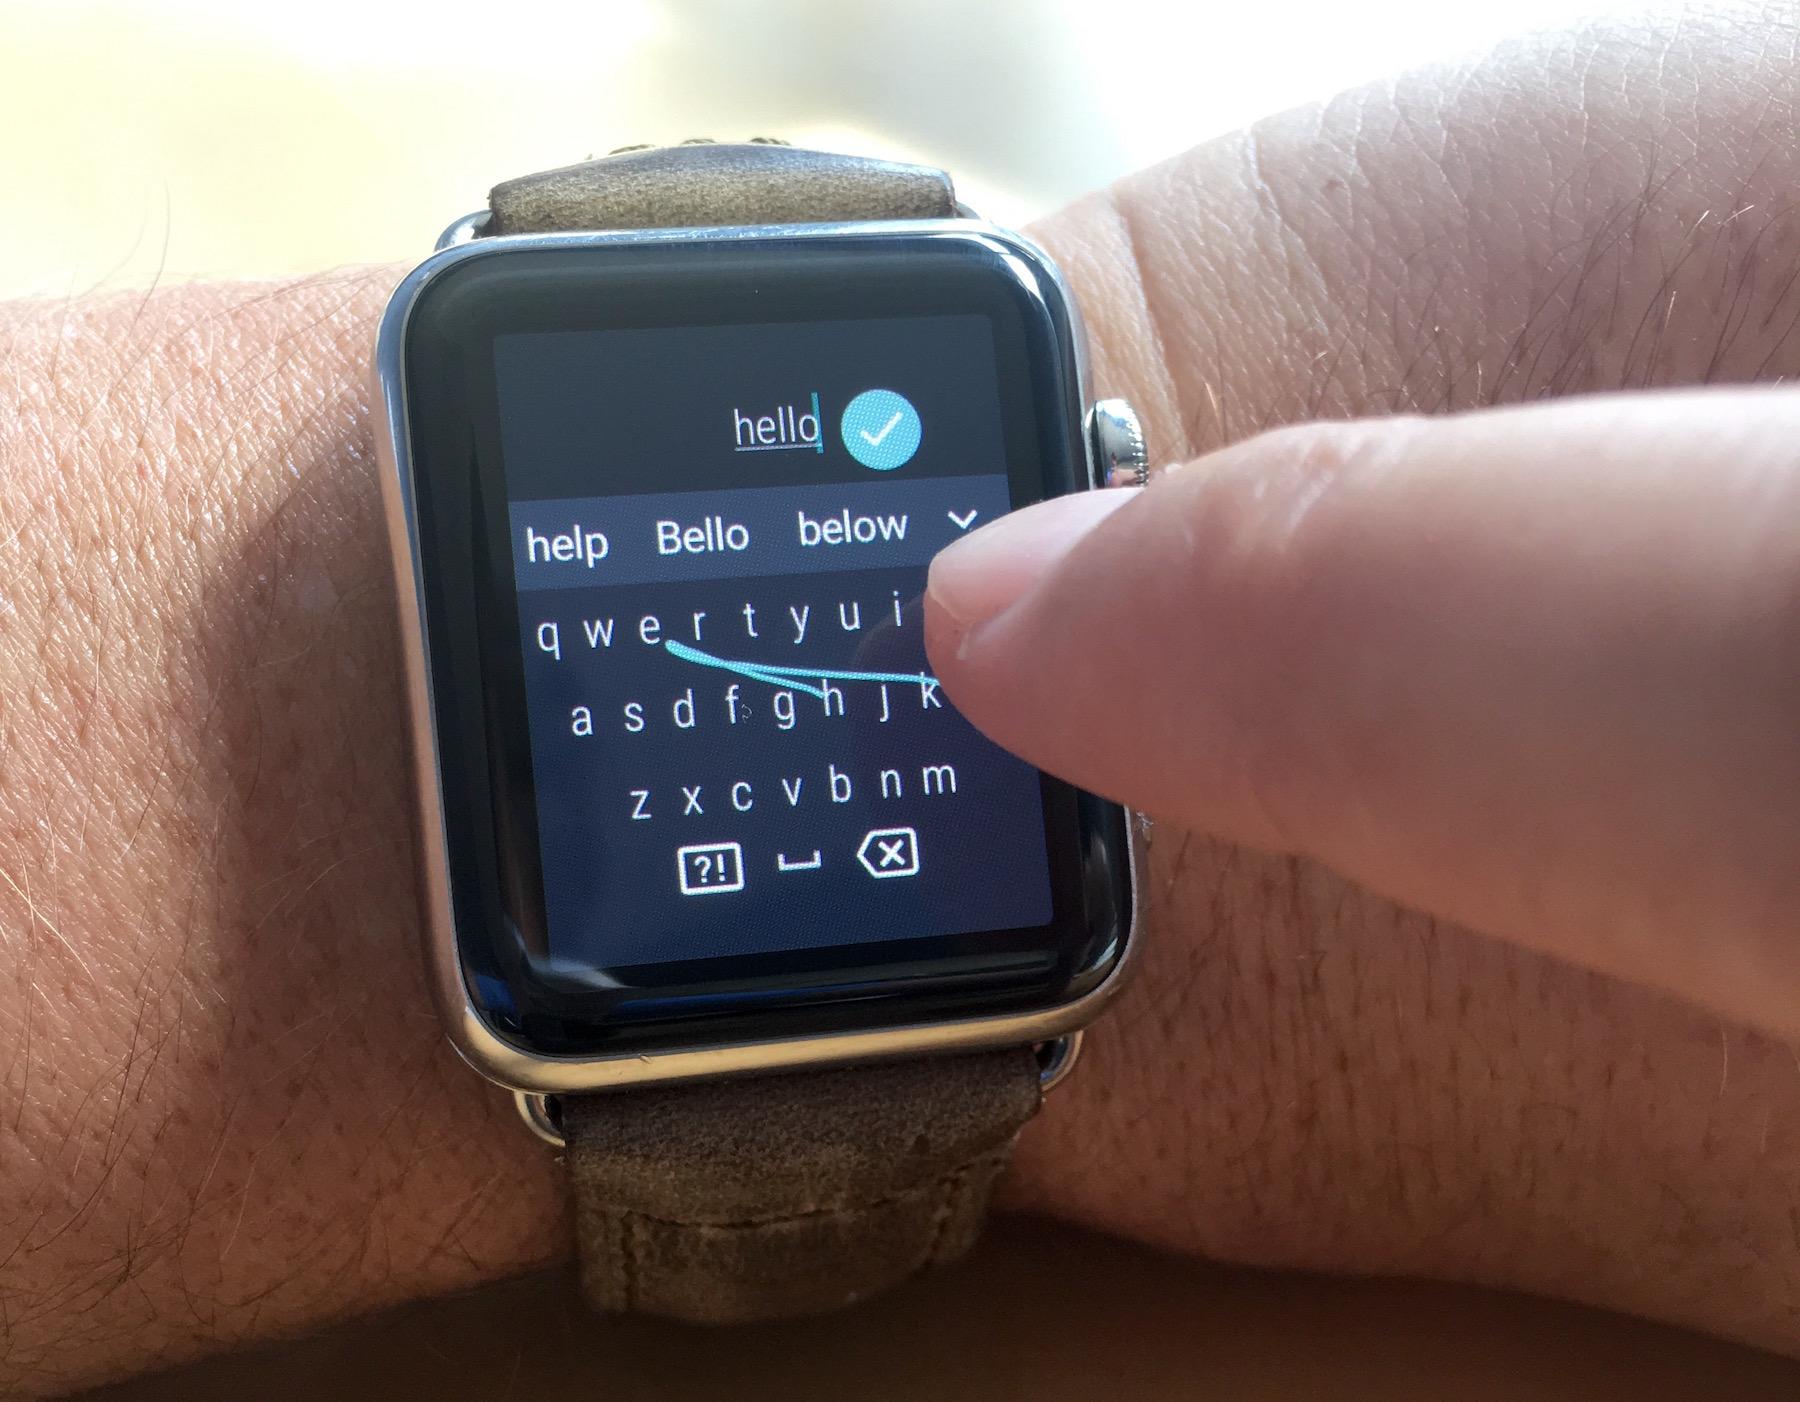 keyboard-on-apple-watch.jpg